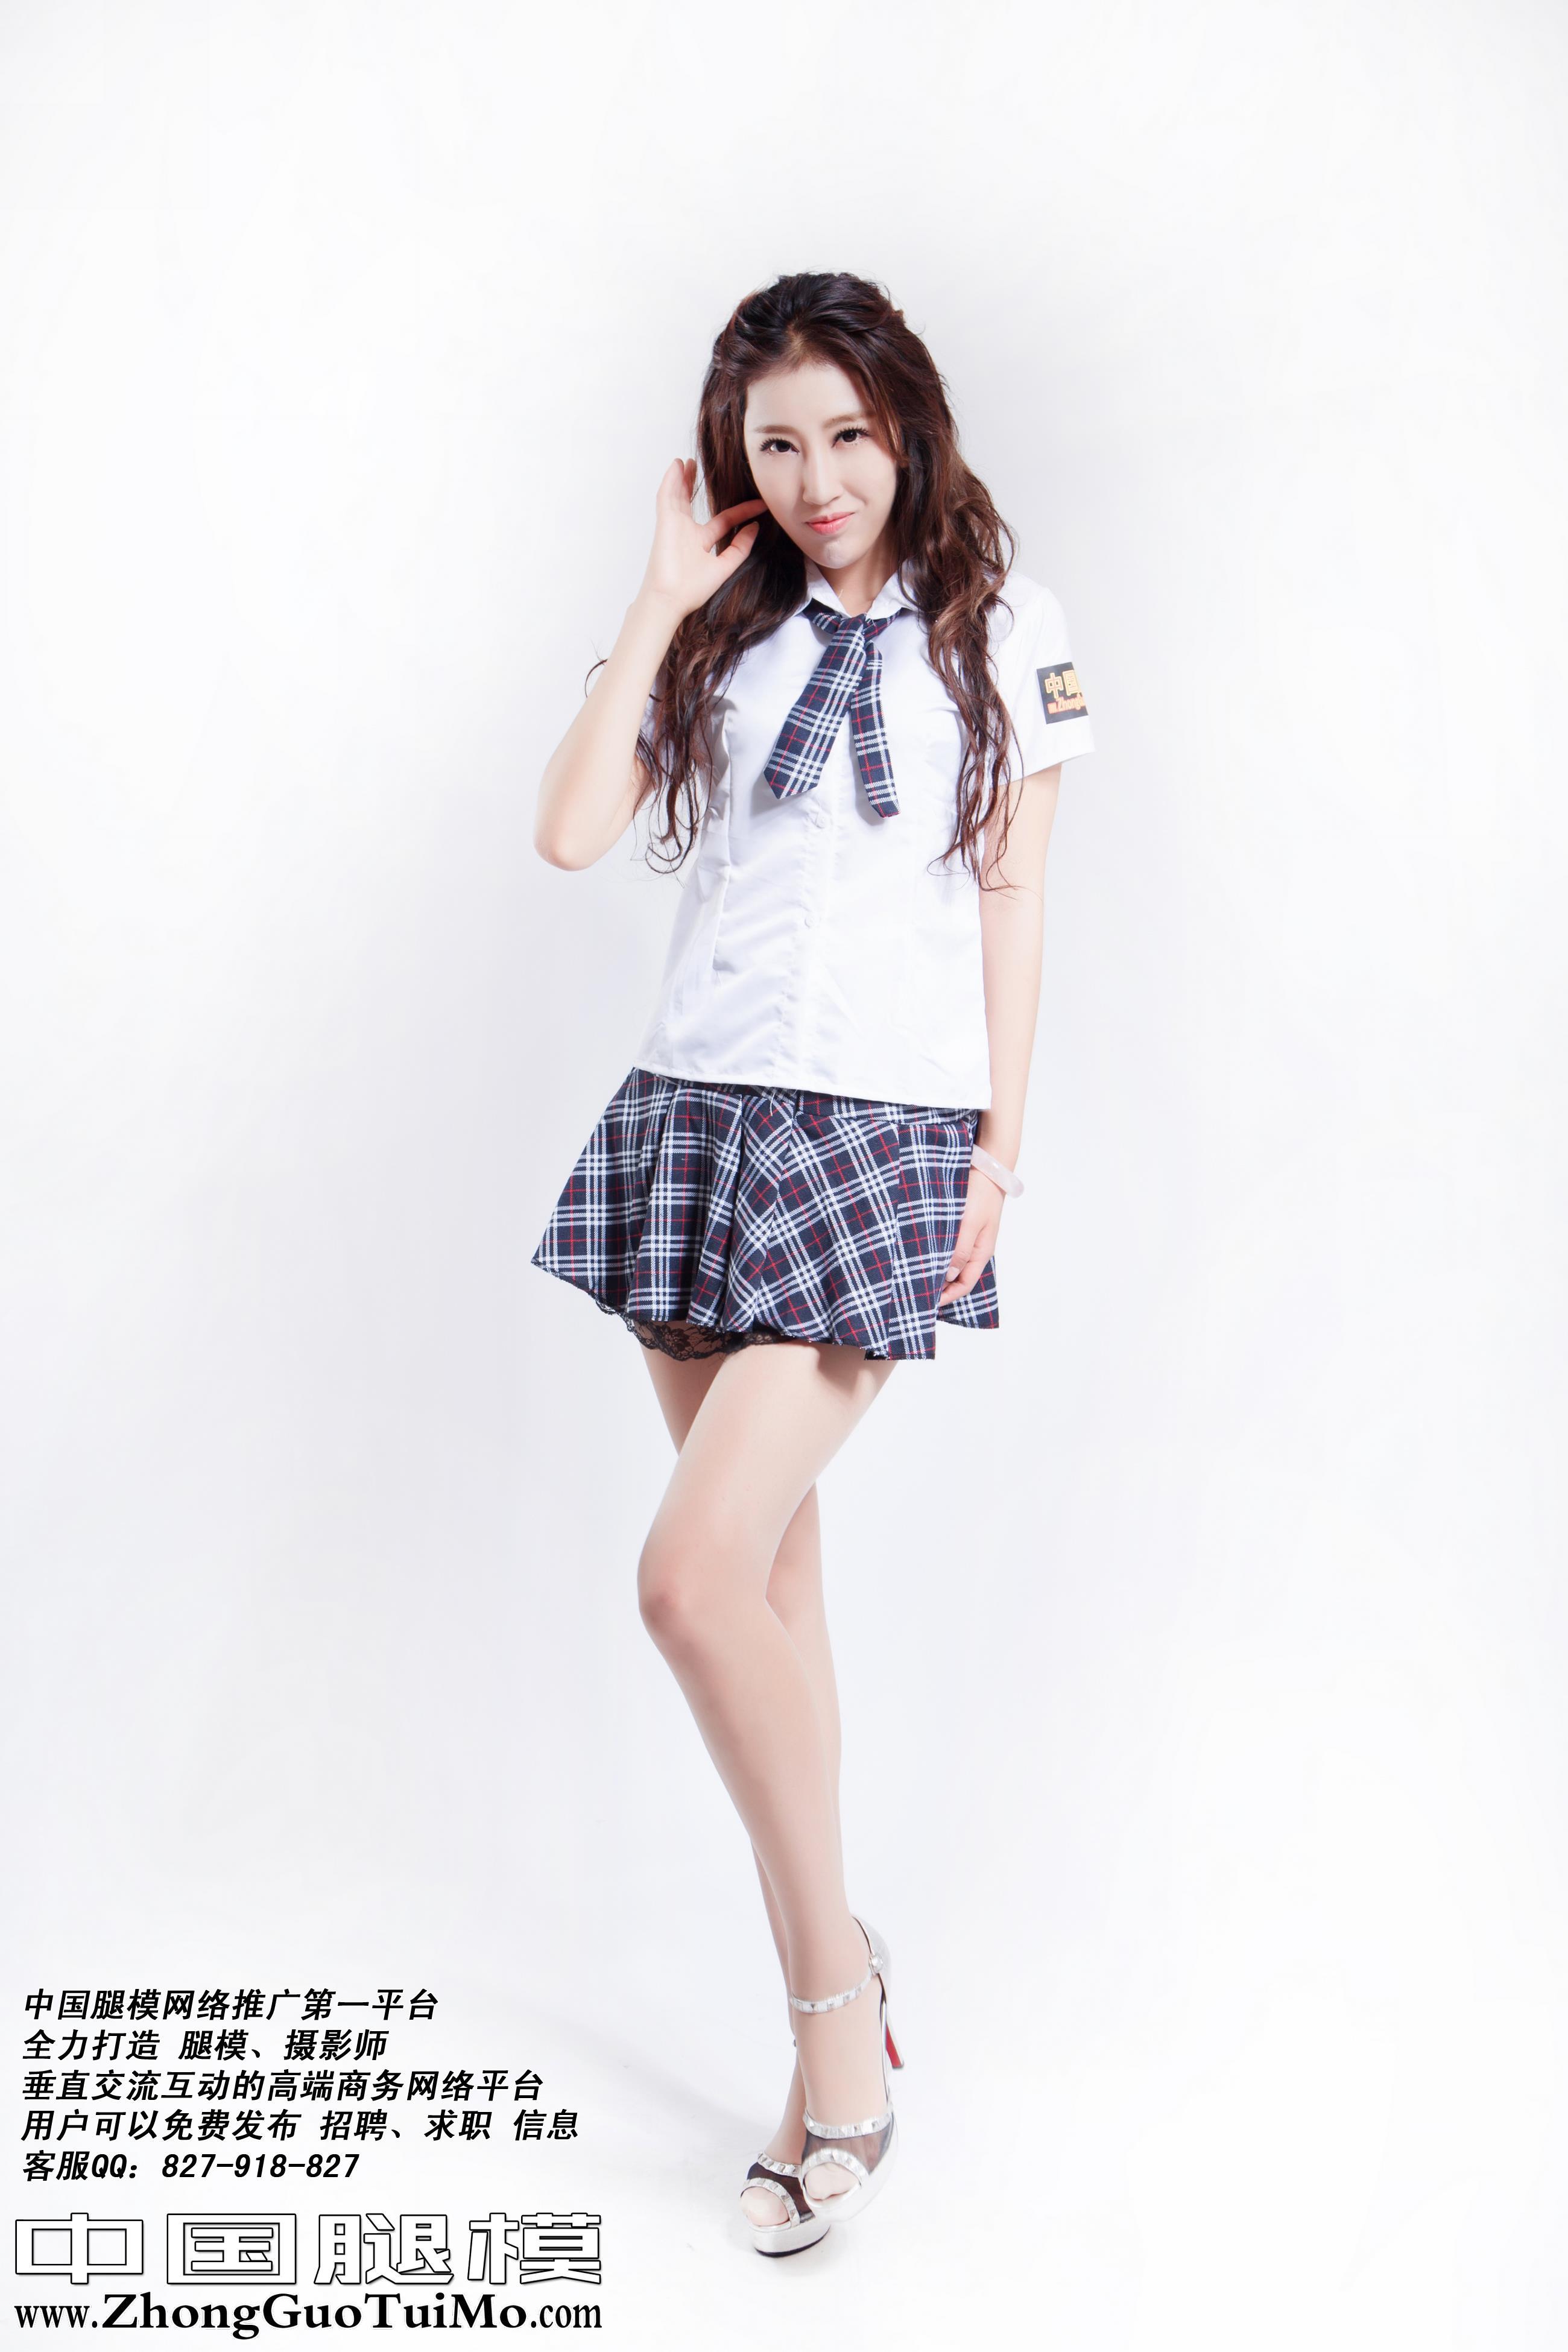 [中国腿模]No.002 史文可 性感高中女生制服加短裙与肉色丝袜美腿私房写真集